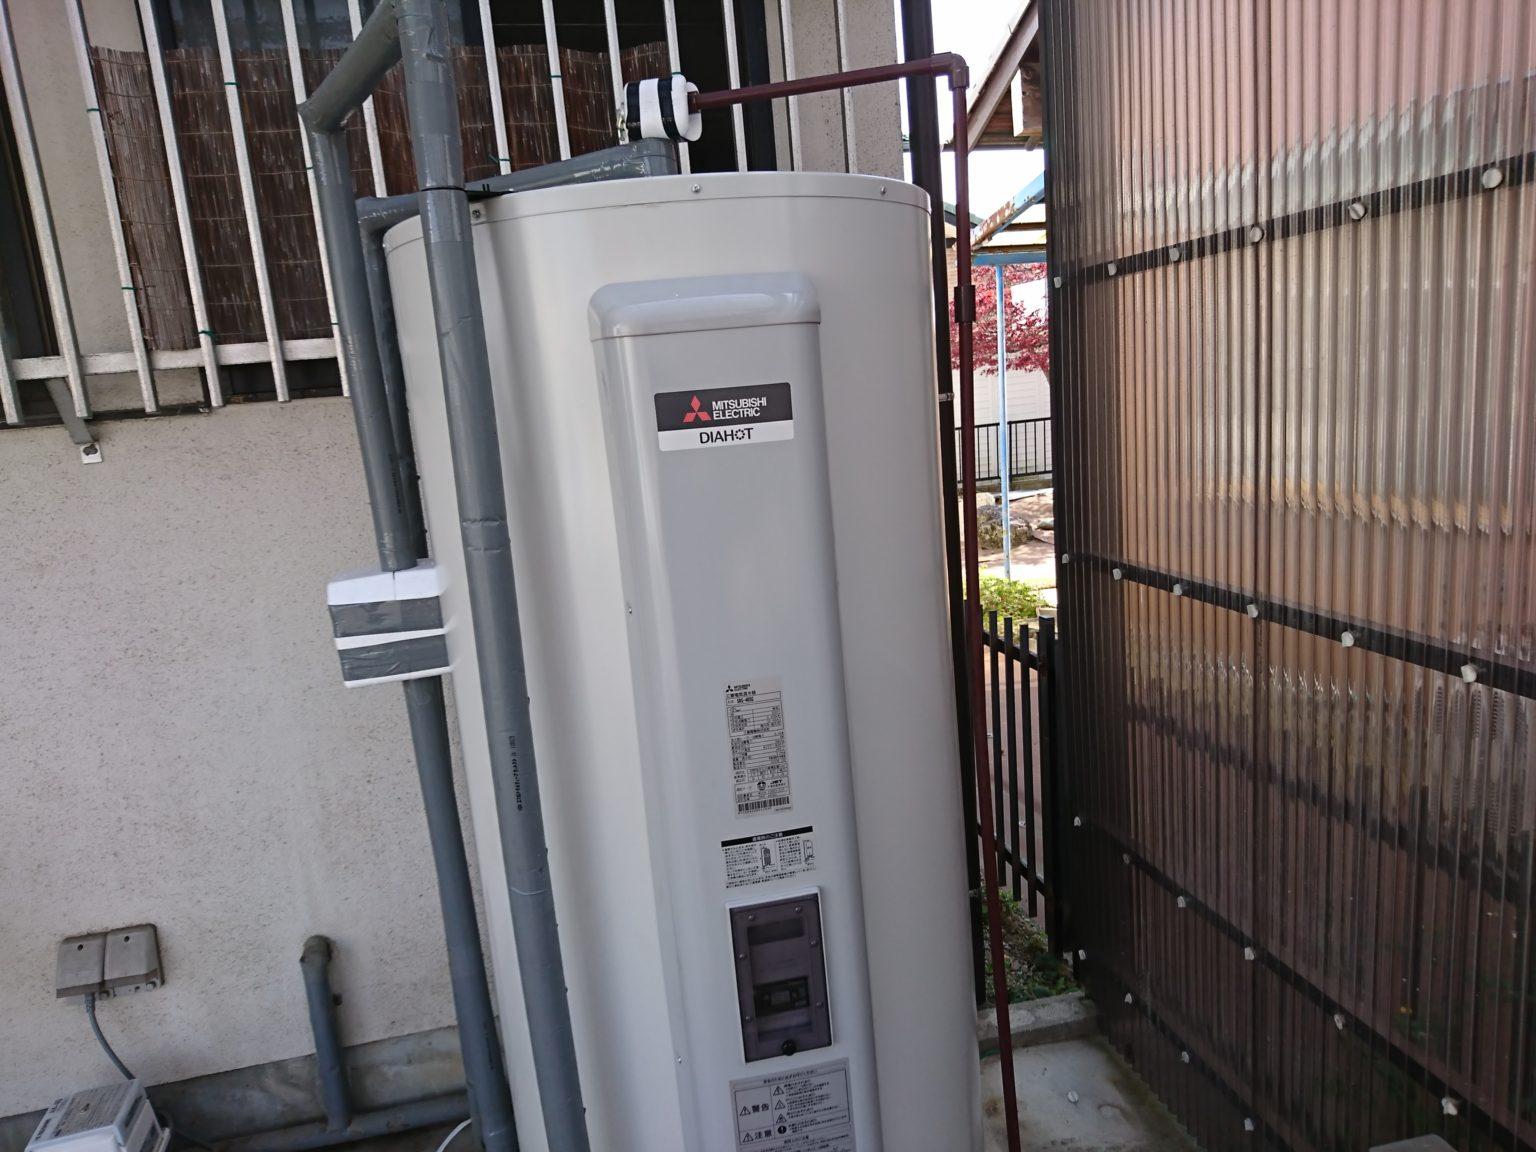 愛知県江南市三菱電機電気温水器SRG-465G工事店【アンシンサービス24】